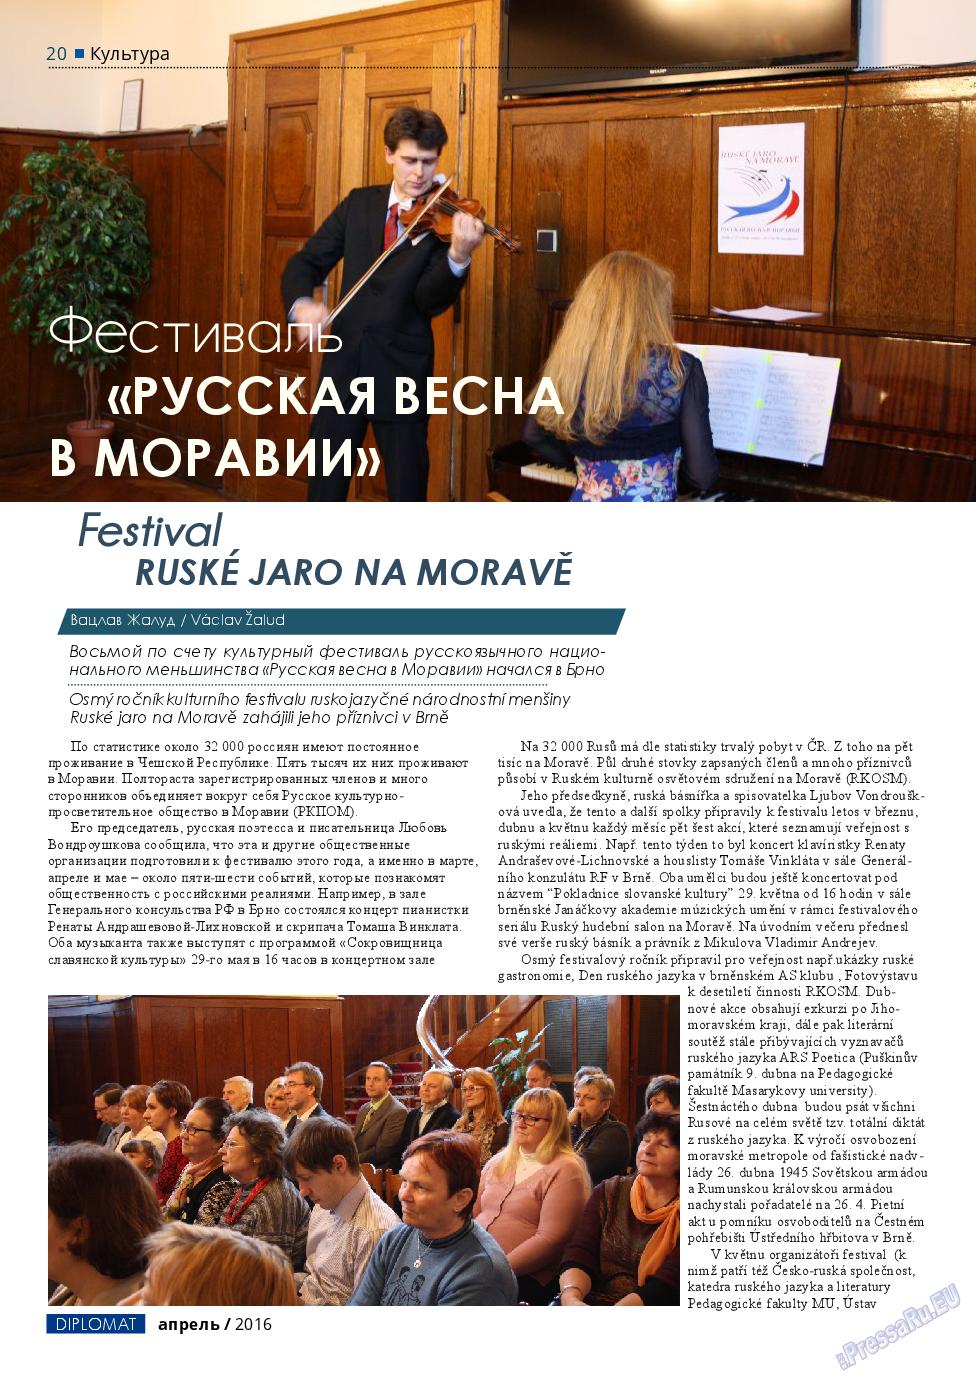 Diplomat (газета). 2016 год, номер 79, стр. 20